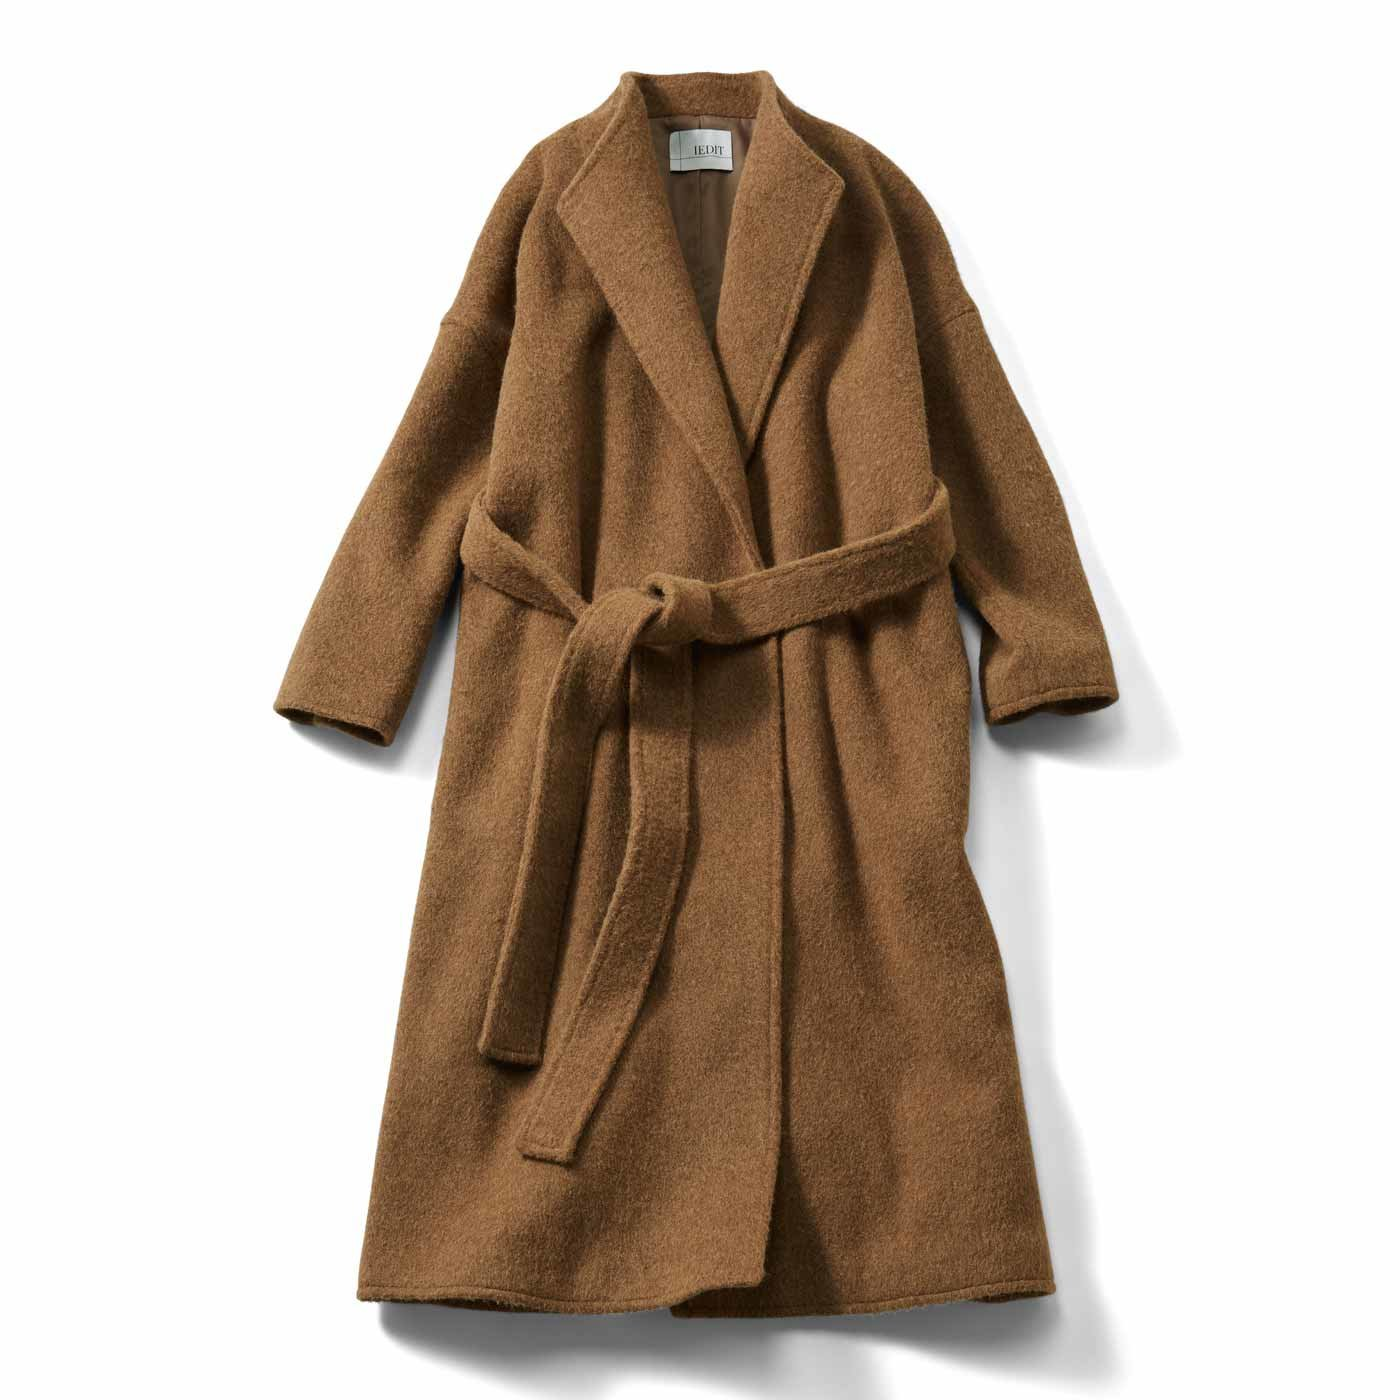 IEDIT[イディット] 包まれる着心地の毛布みたいなロングガウンコート〈キャメル〉